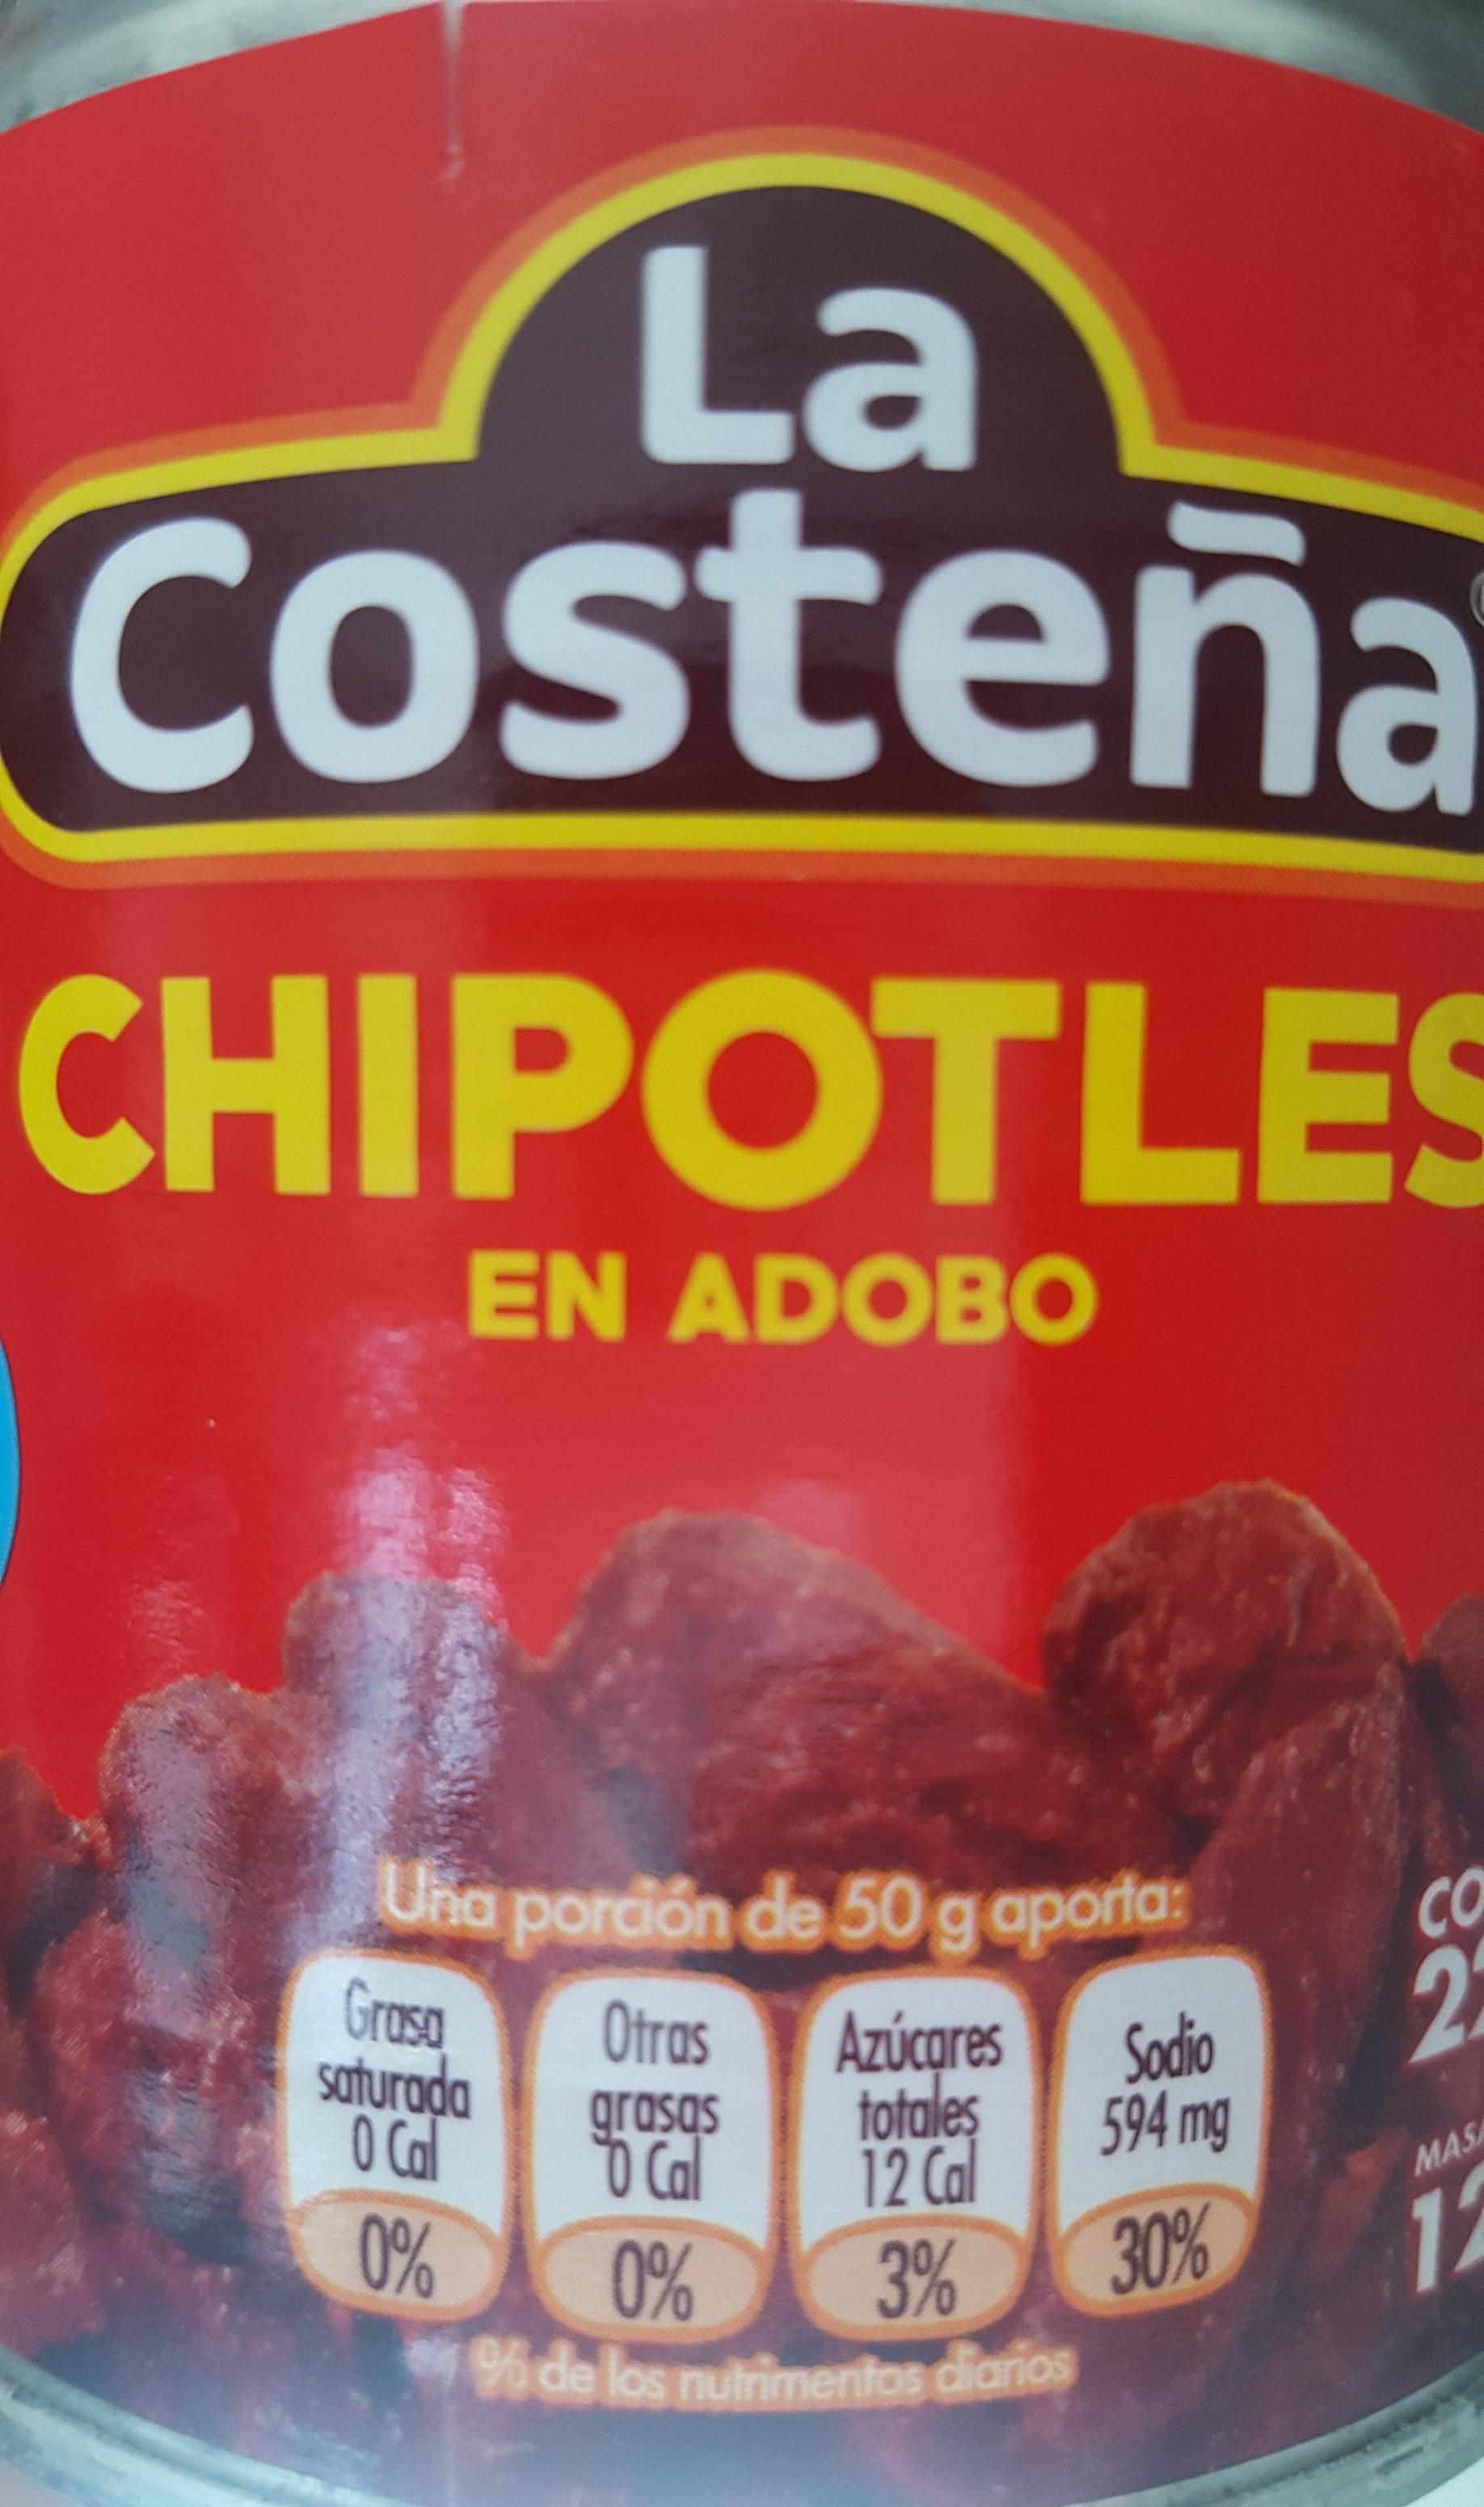 Chipotle en adobo - Peber Røget - Product - fr